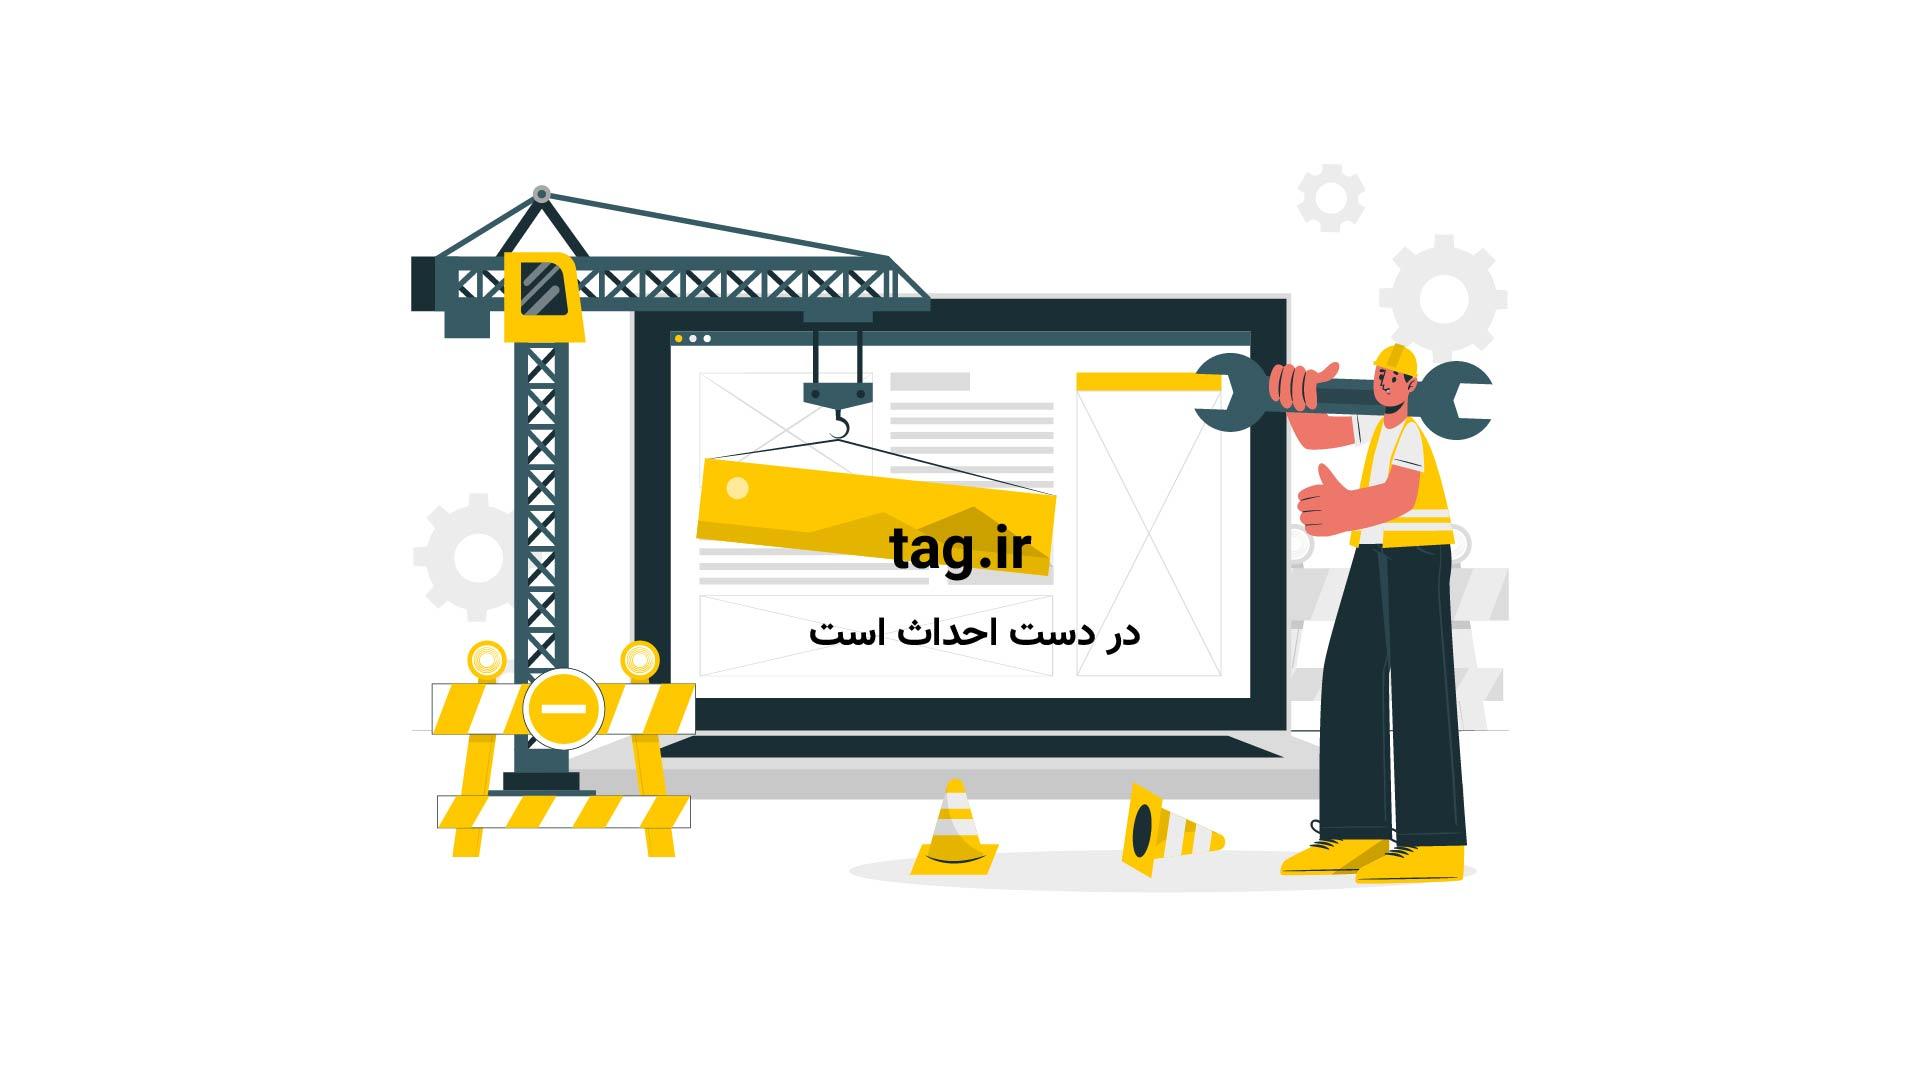 منظره بسیار زیبای برف امروز شهرک توريستي نمک آبرود | فیلم